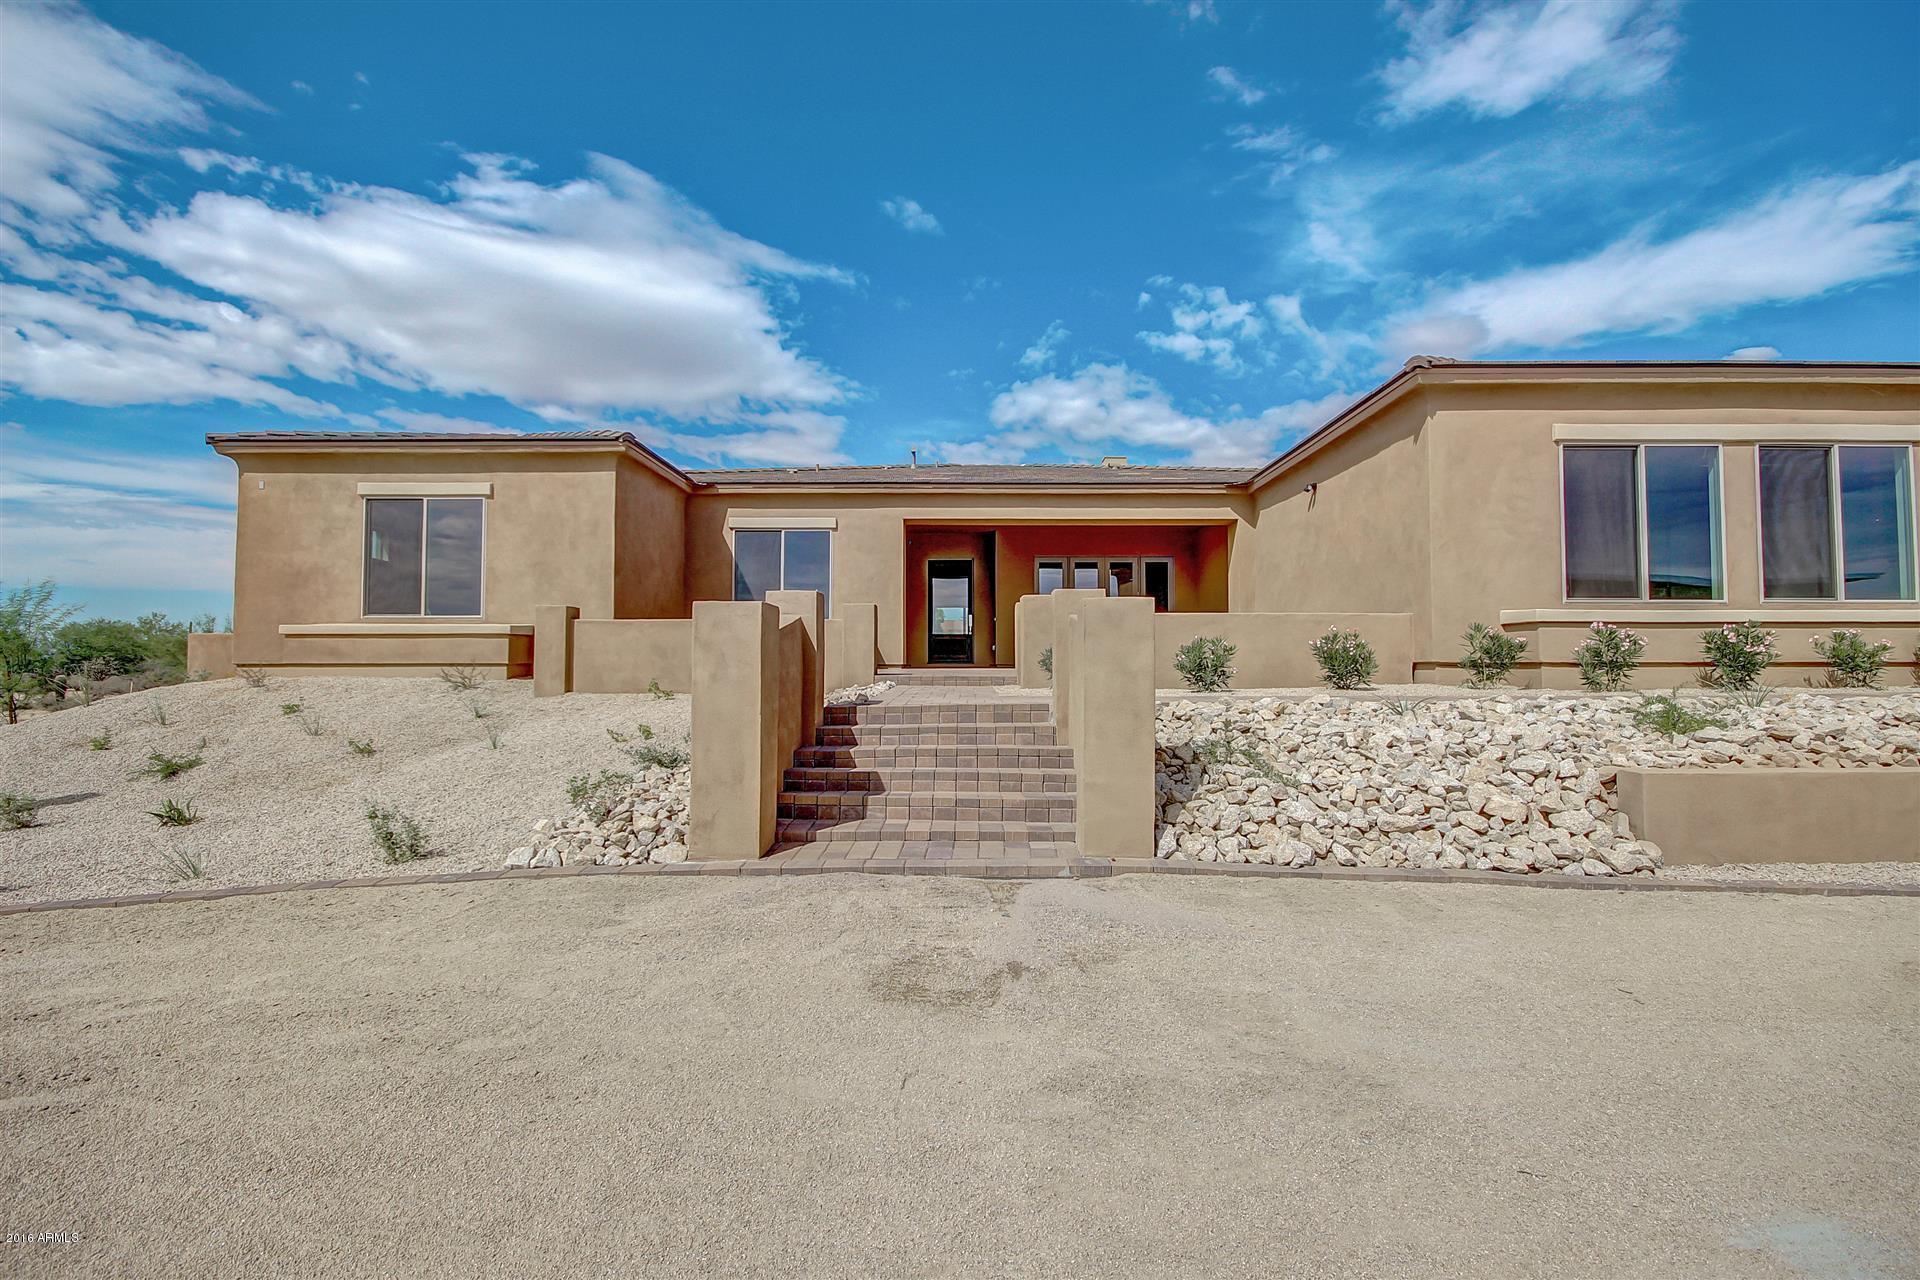 6340 E CALLE DE MANDEL, Scottsdale, AZ 85266